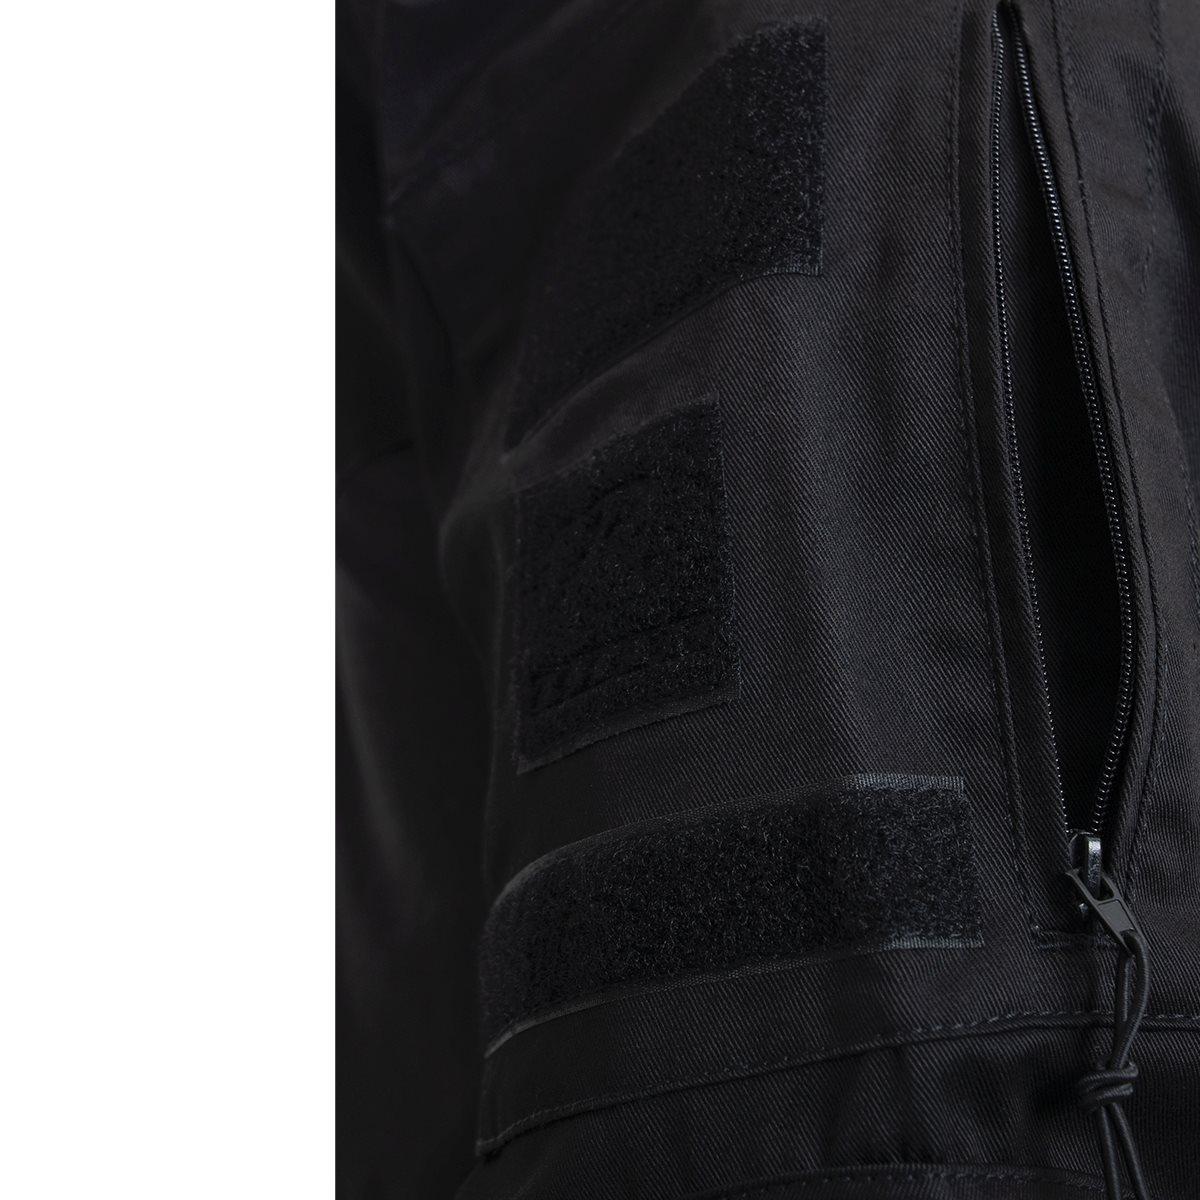 Košile taktická se zipem AIRSOFT COMBAT ČERNÁ ROTHCO 10216 L-11